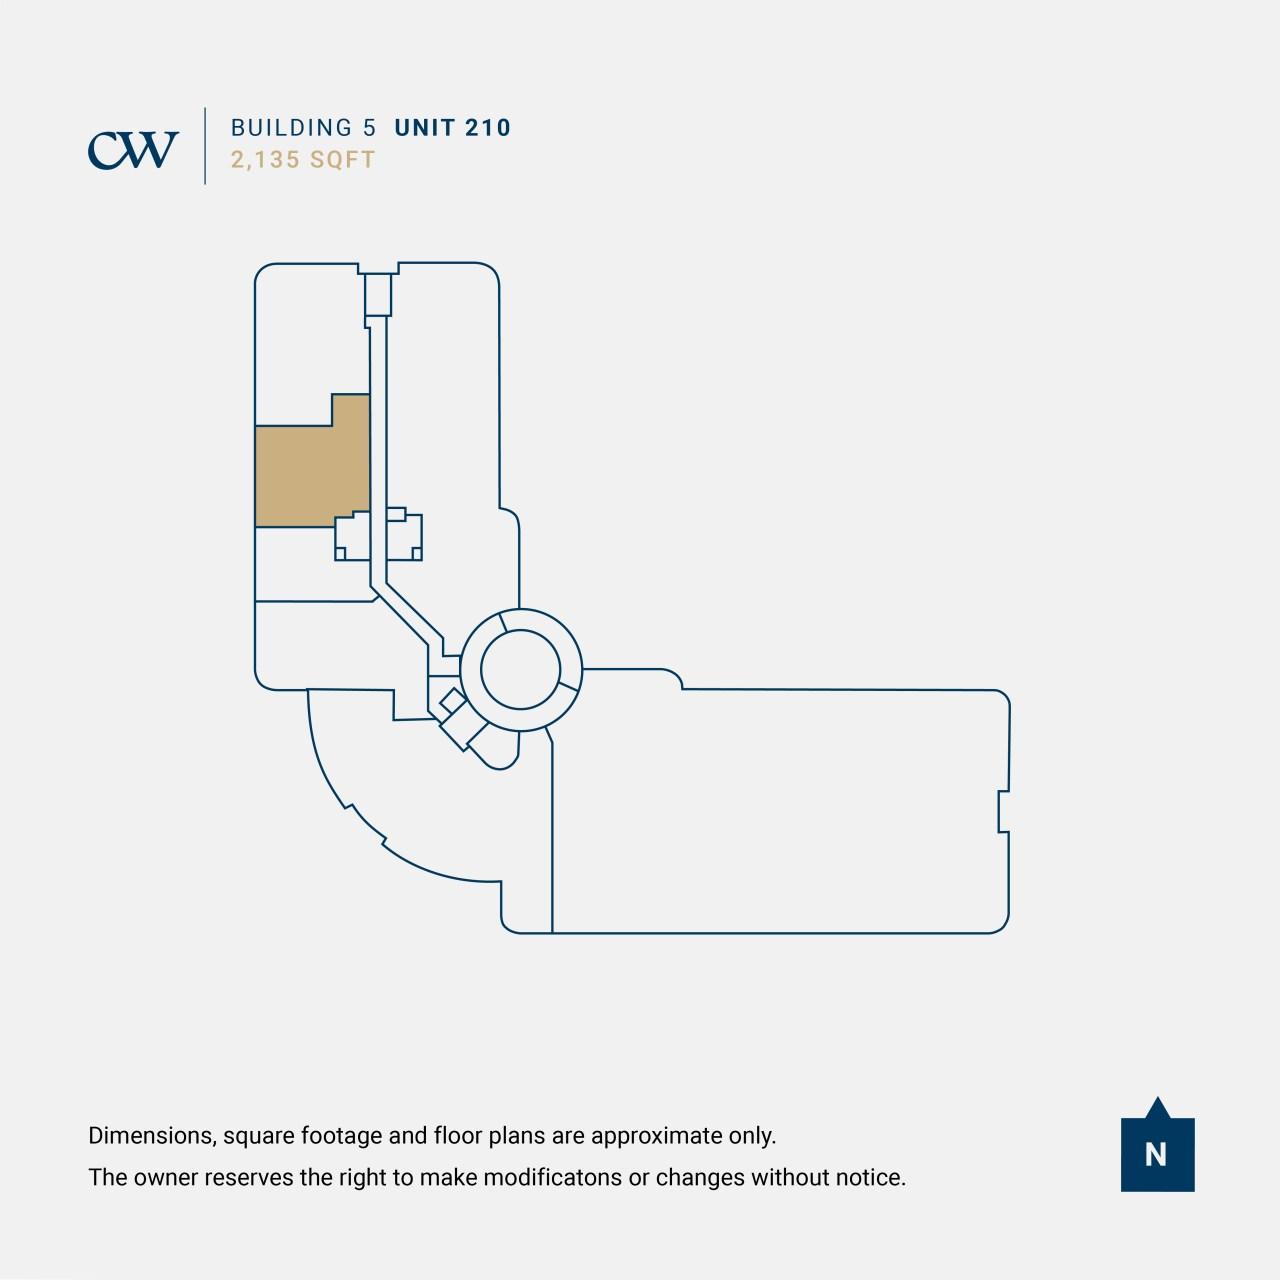 https://i2.wp.com/crestwoodcorporatecentre.com/wp-content/uploads/2021/07/Crestwood-Corporate-Centre-Floor-Plans-Building-5_Unit-210-1.jpg?resize=1280%2C1280&ssl=1